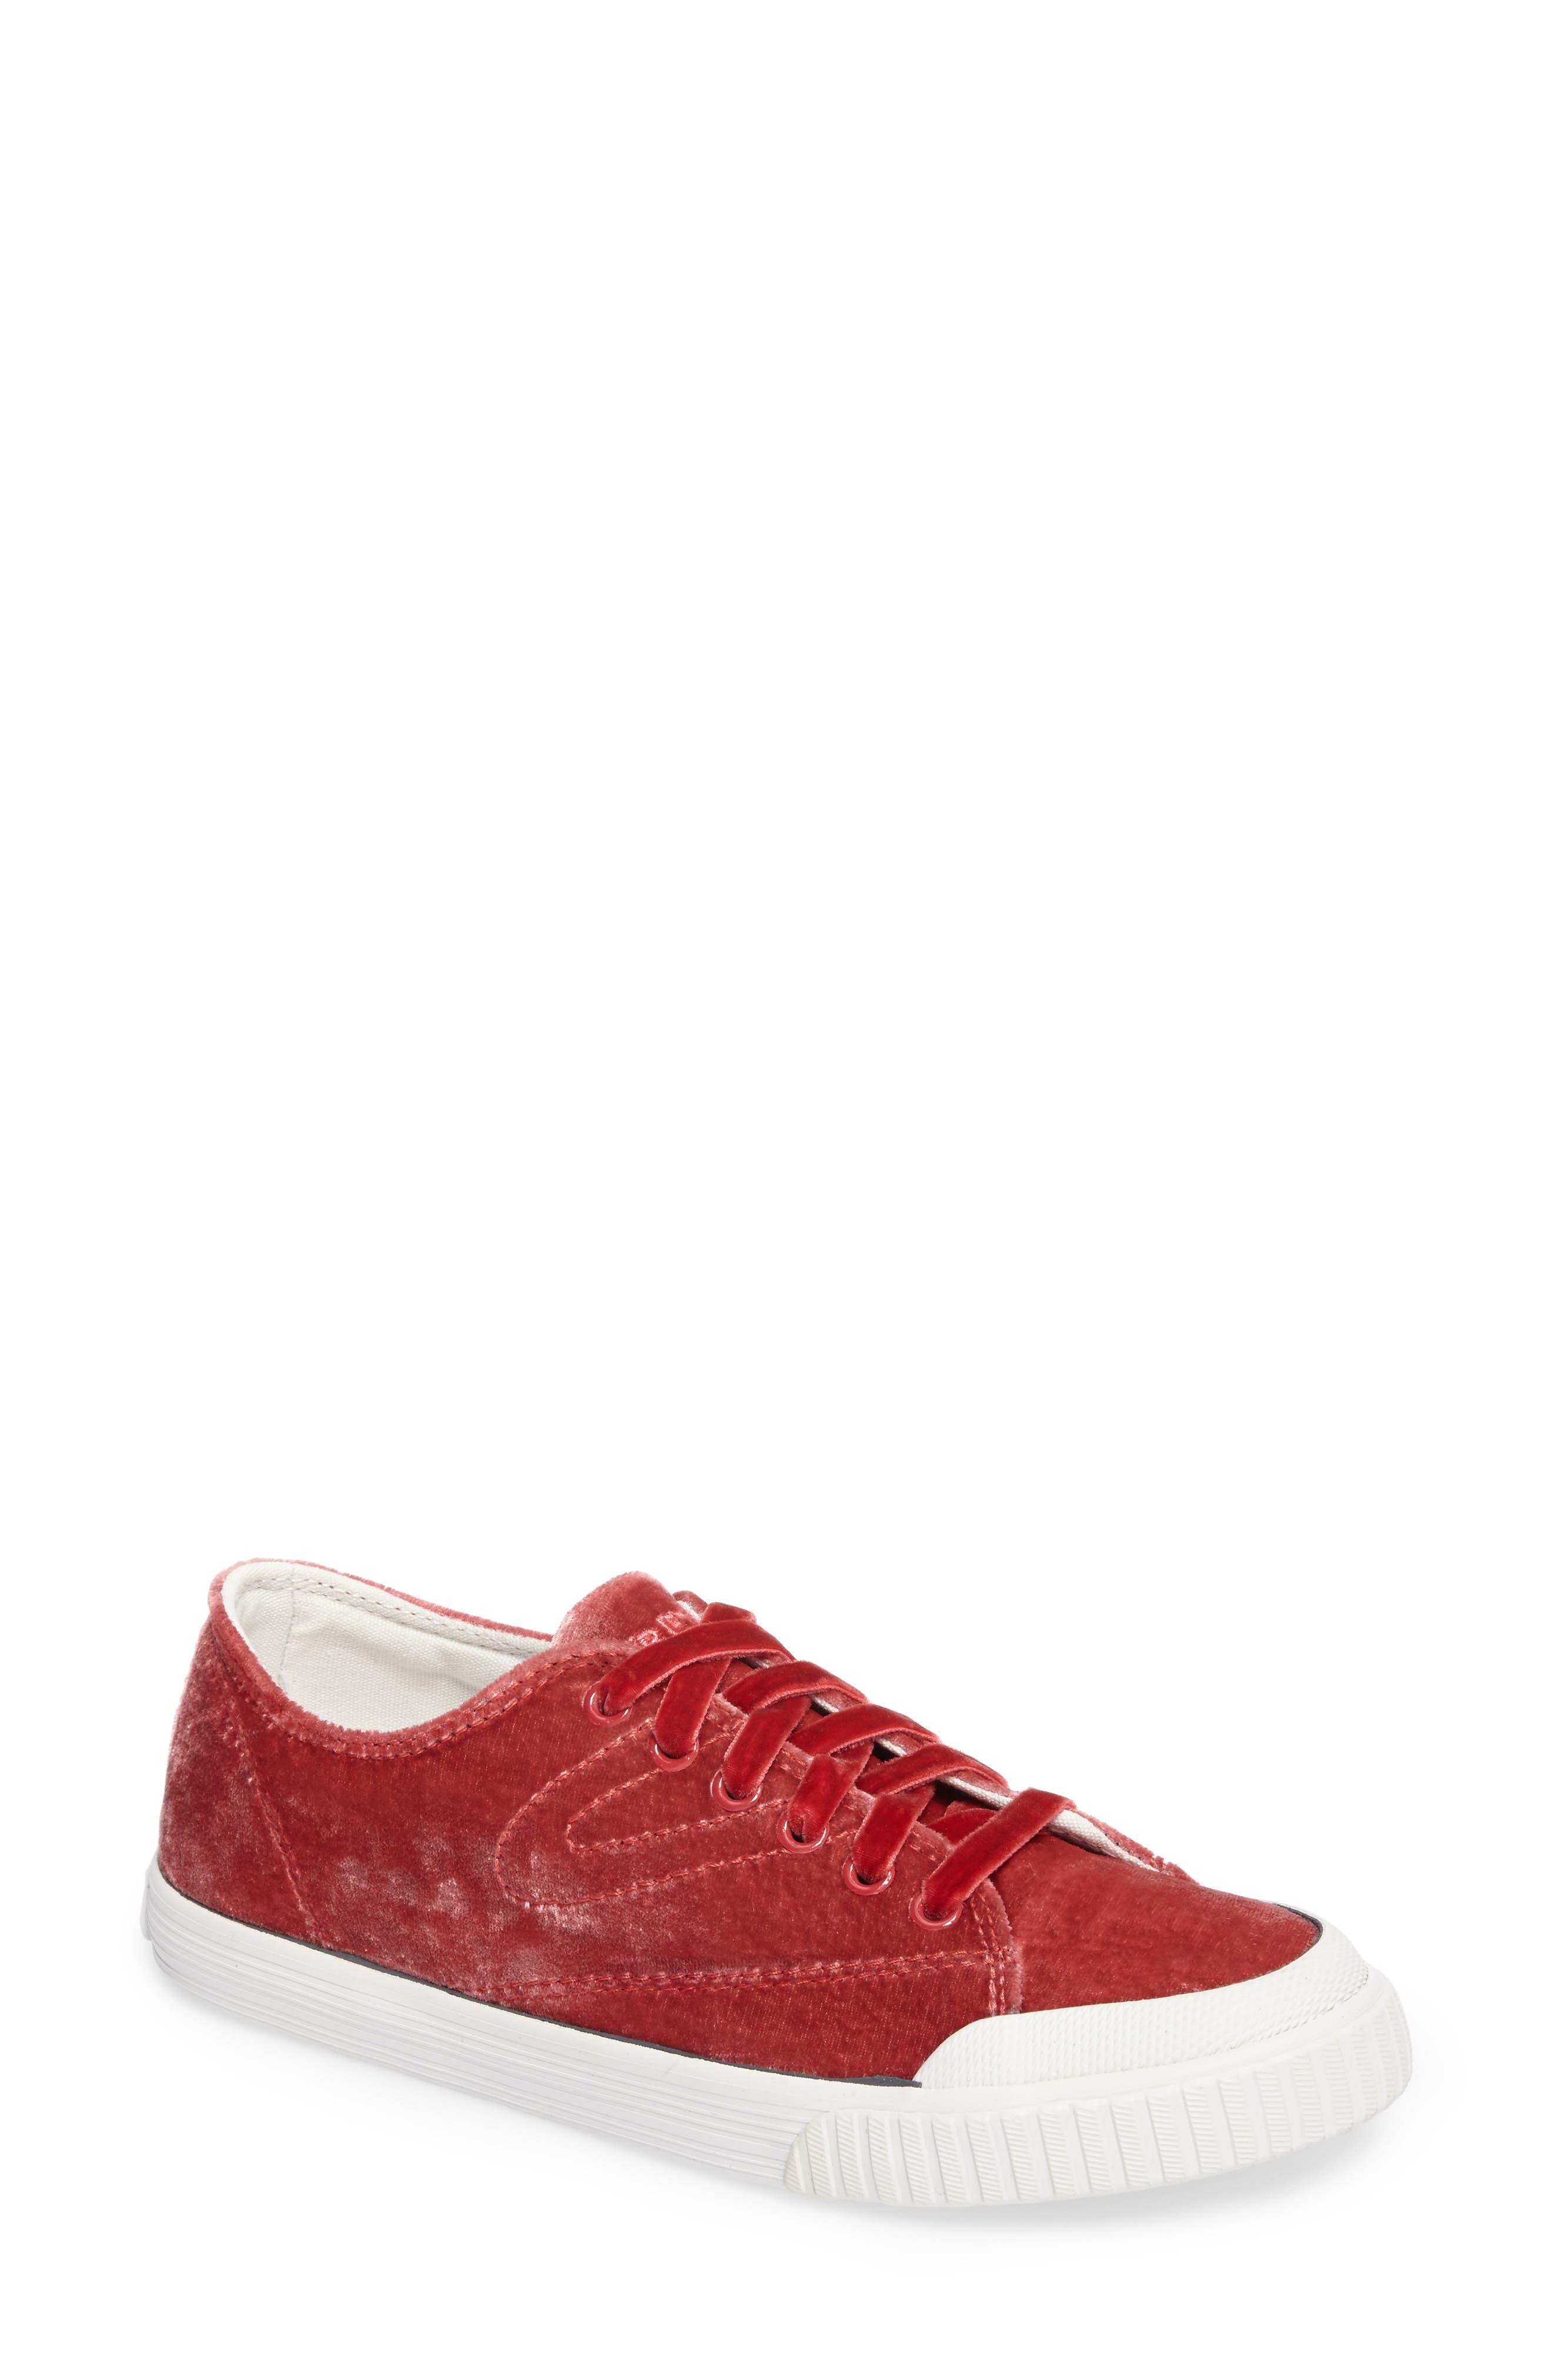 Tretorn Marley Sneaker (Women)